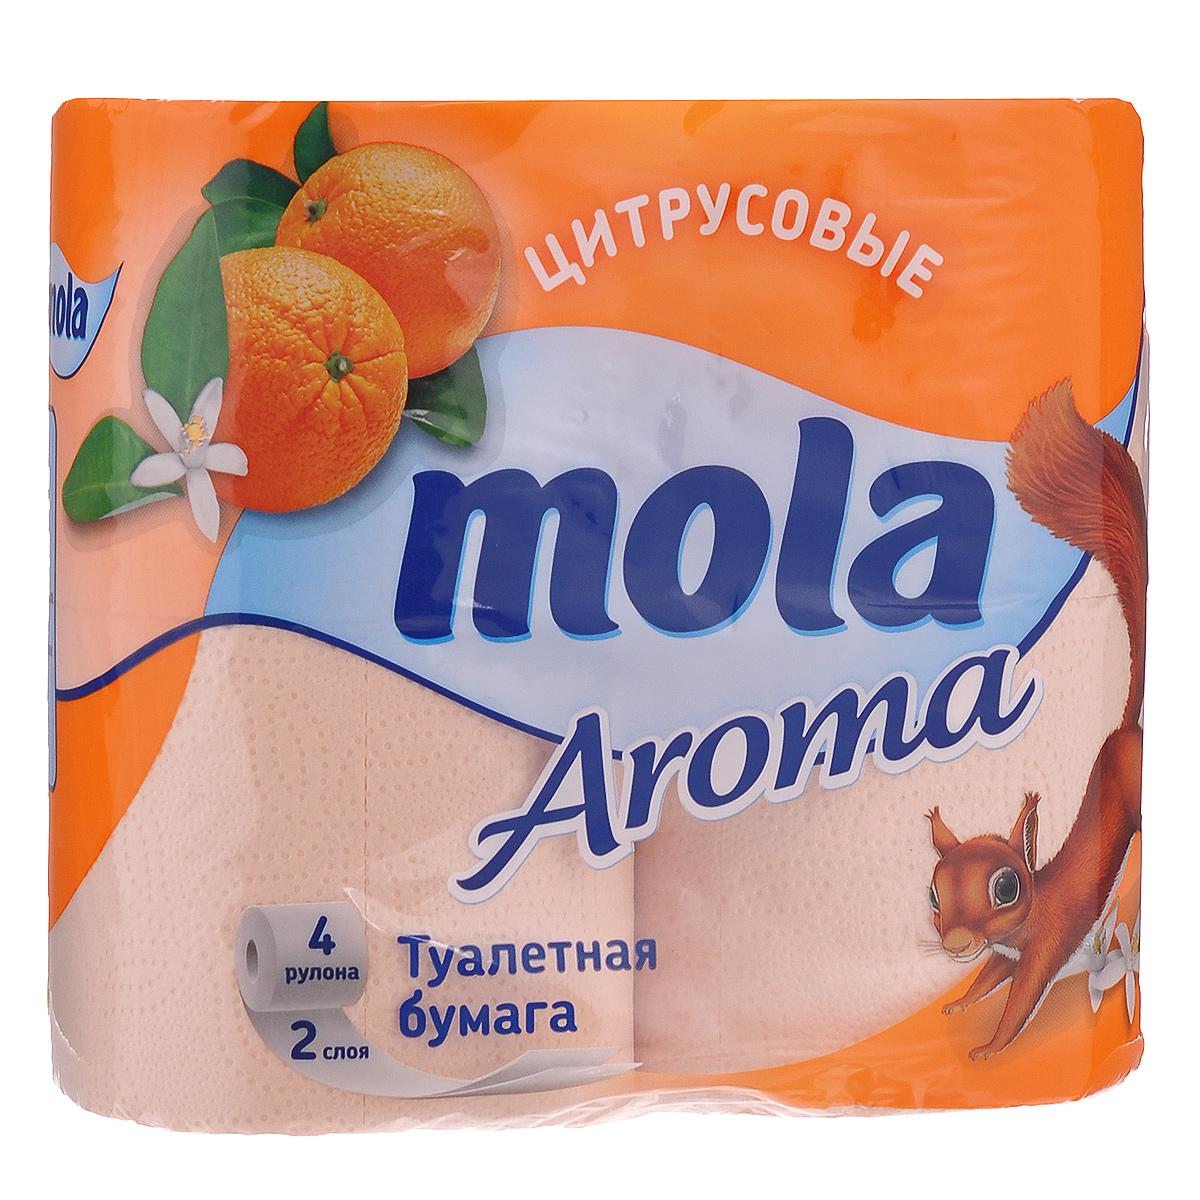 Туалетная бумага Mola Aroma Цитрус, двухслойная, цвет: оранжевый, 4 рулона. 26932693Двухслойная туалетная бумага Mola Aroma Цитрус имеет рисунок с тиснением и обладает приятным ароматом цитрусовых фруктов. Необыкновенно мягкая бумага изготовлена из экологически чистого, высококачественного сырья - 100% целлюлозы. Мягкая, нежная, но в тоже время прочная, бумага не расслаивается и отрывается строго по линии перфорации. Товар сертифицирован.